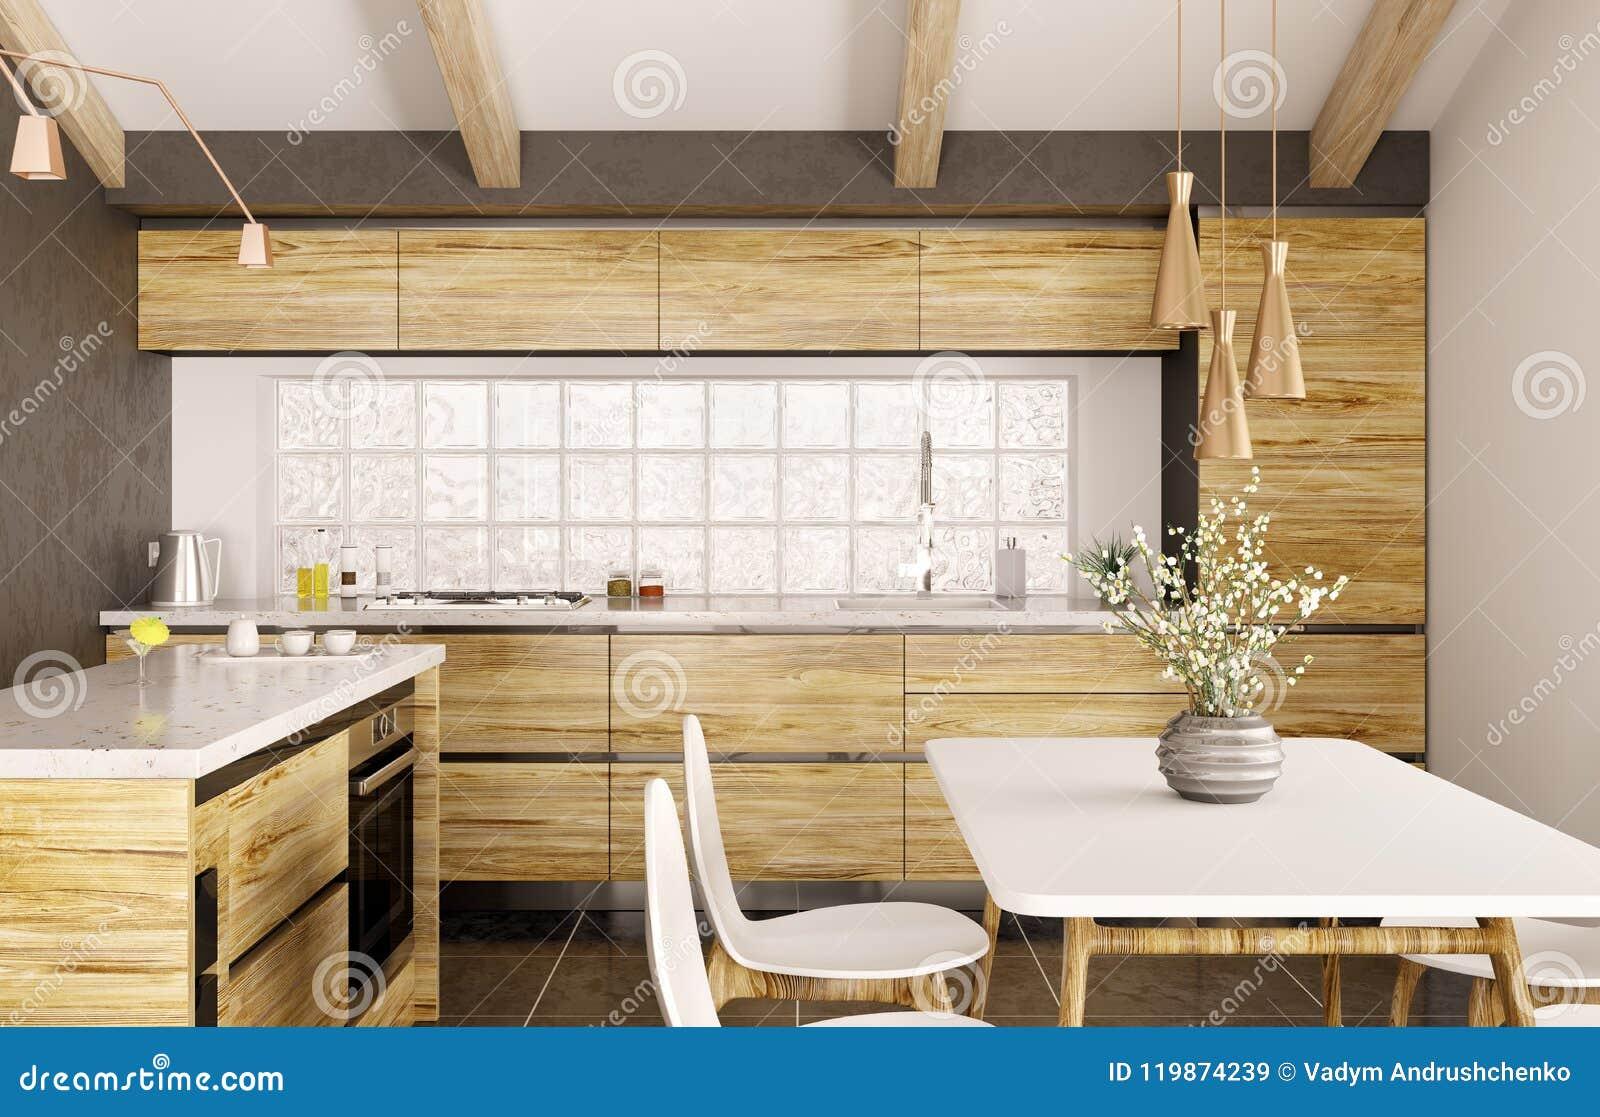 Modern interior design of wooden kitchen with island d renderin